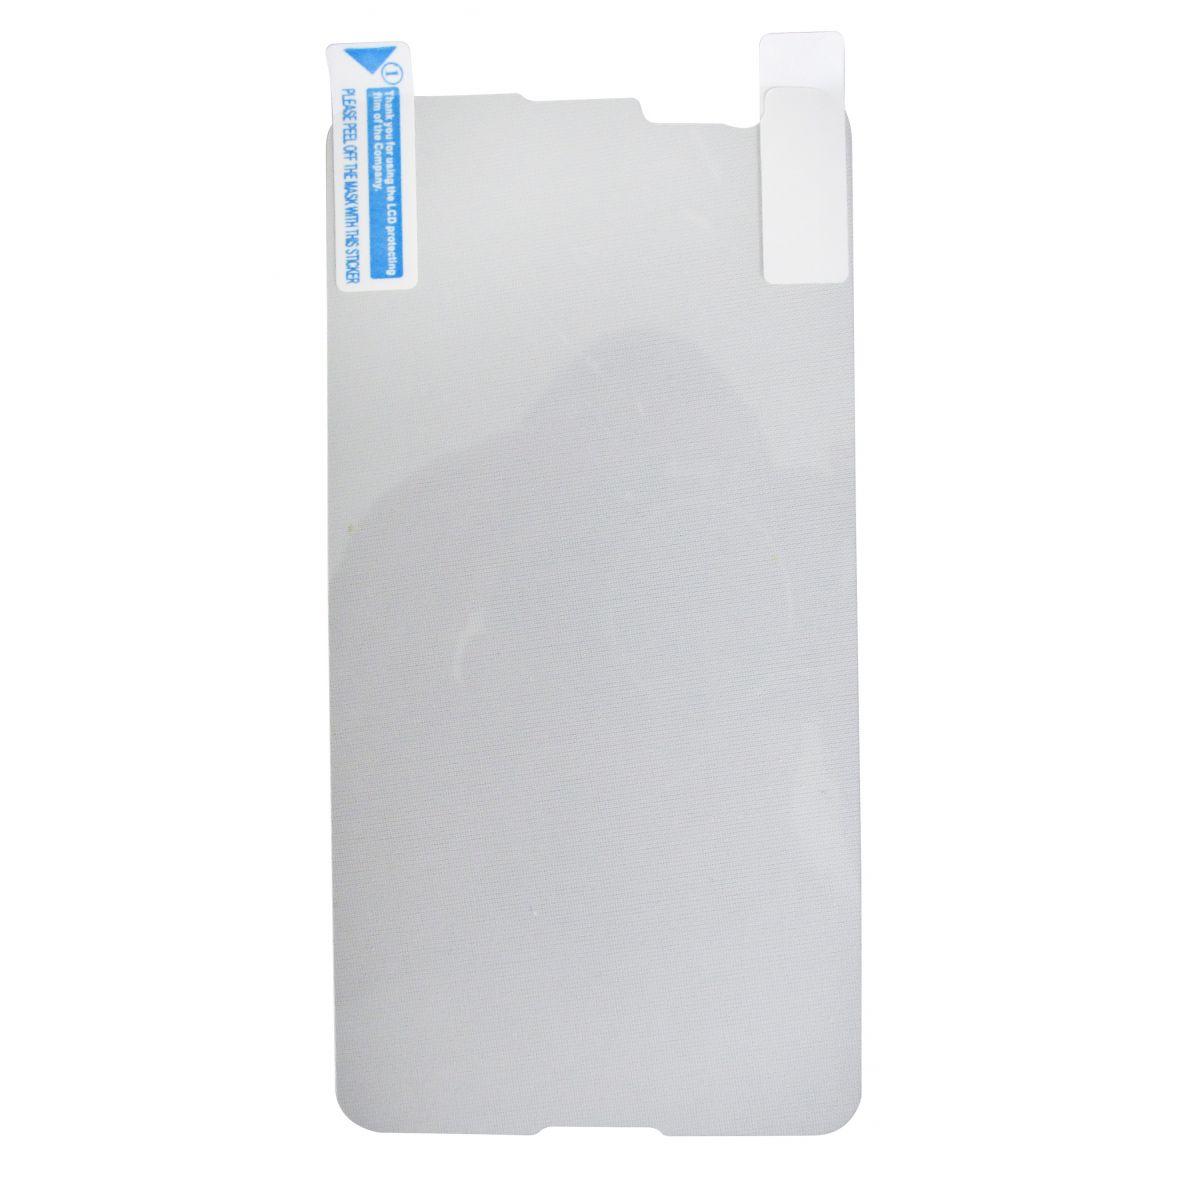 Película Protetora para Sony Xperia E4 E2124 - Fosca